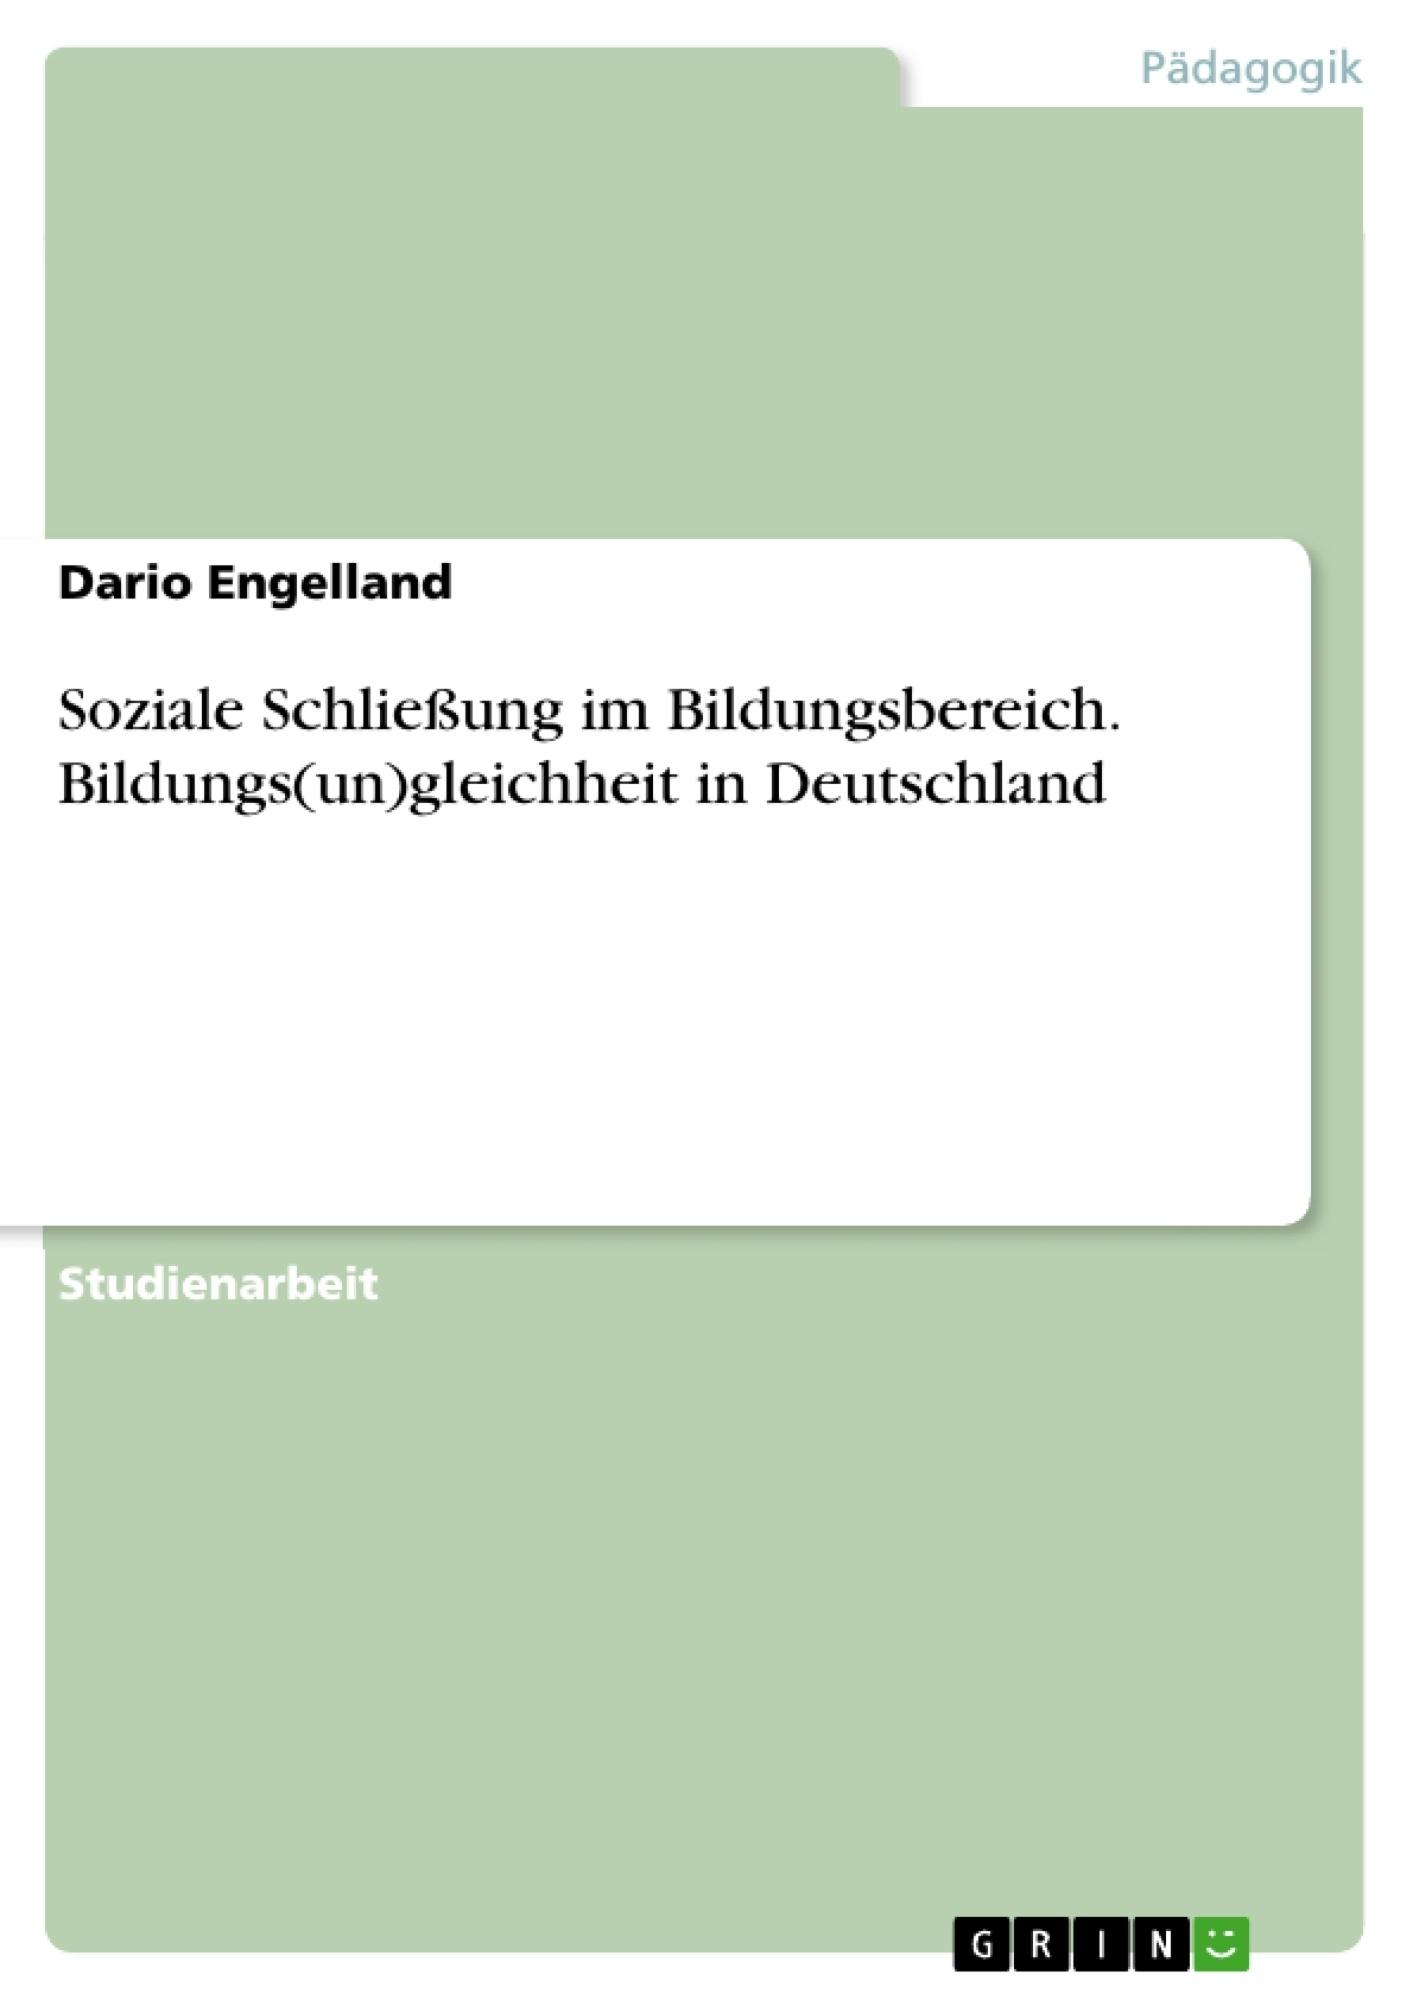 Titel: Soziale Schließung im Bildungsbereich. Bildungs(un)gleichheit in Deutschland